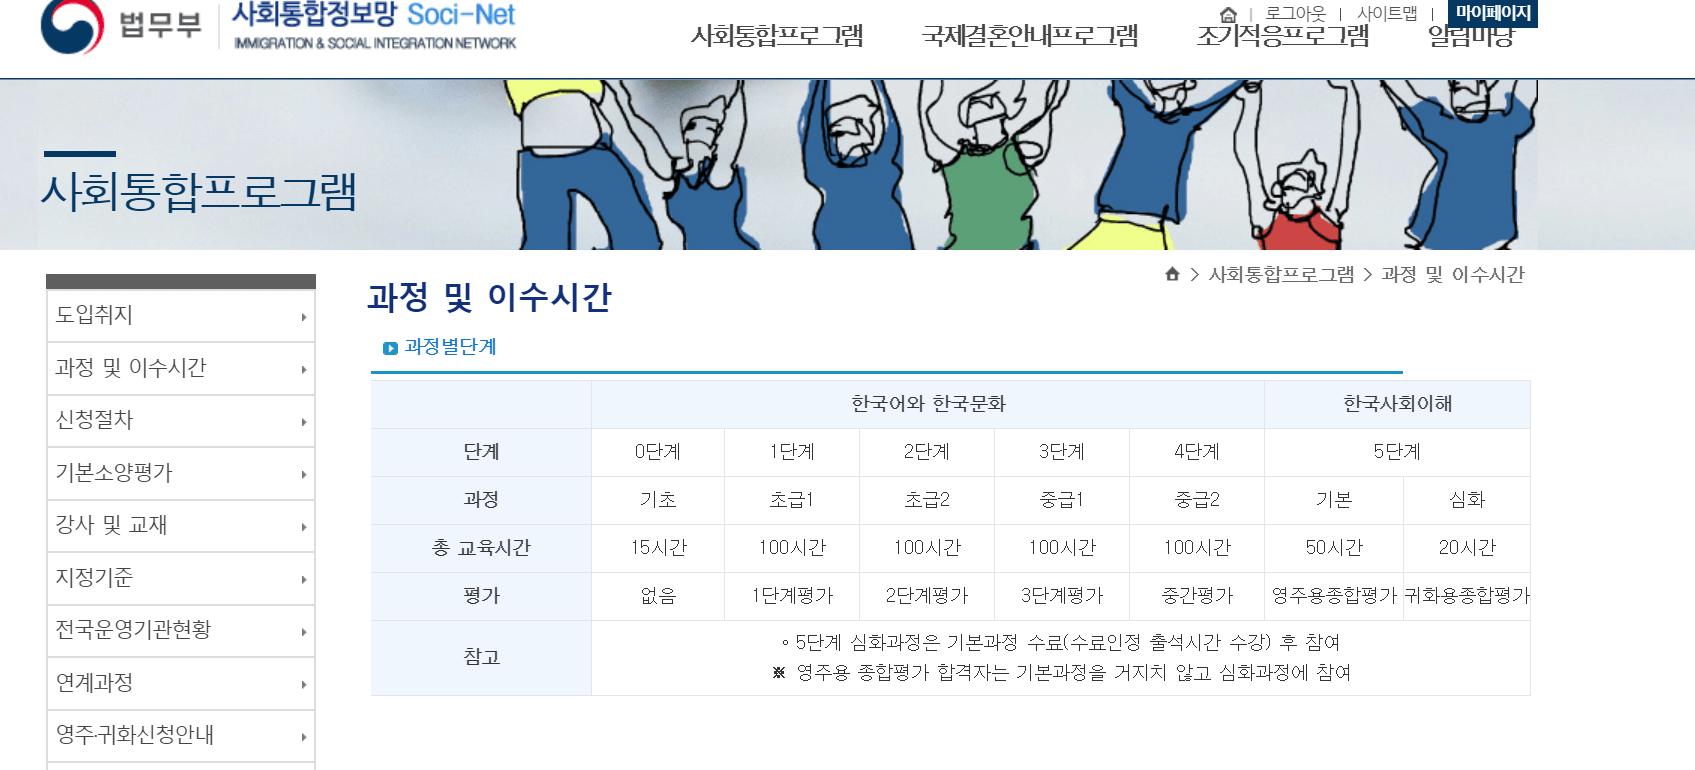 韓國社會統合課程申請方法 – 走走晃晃•卡在韓國